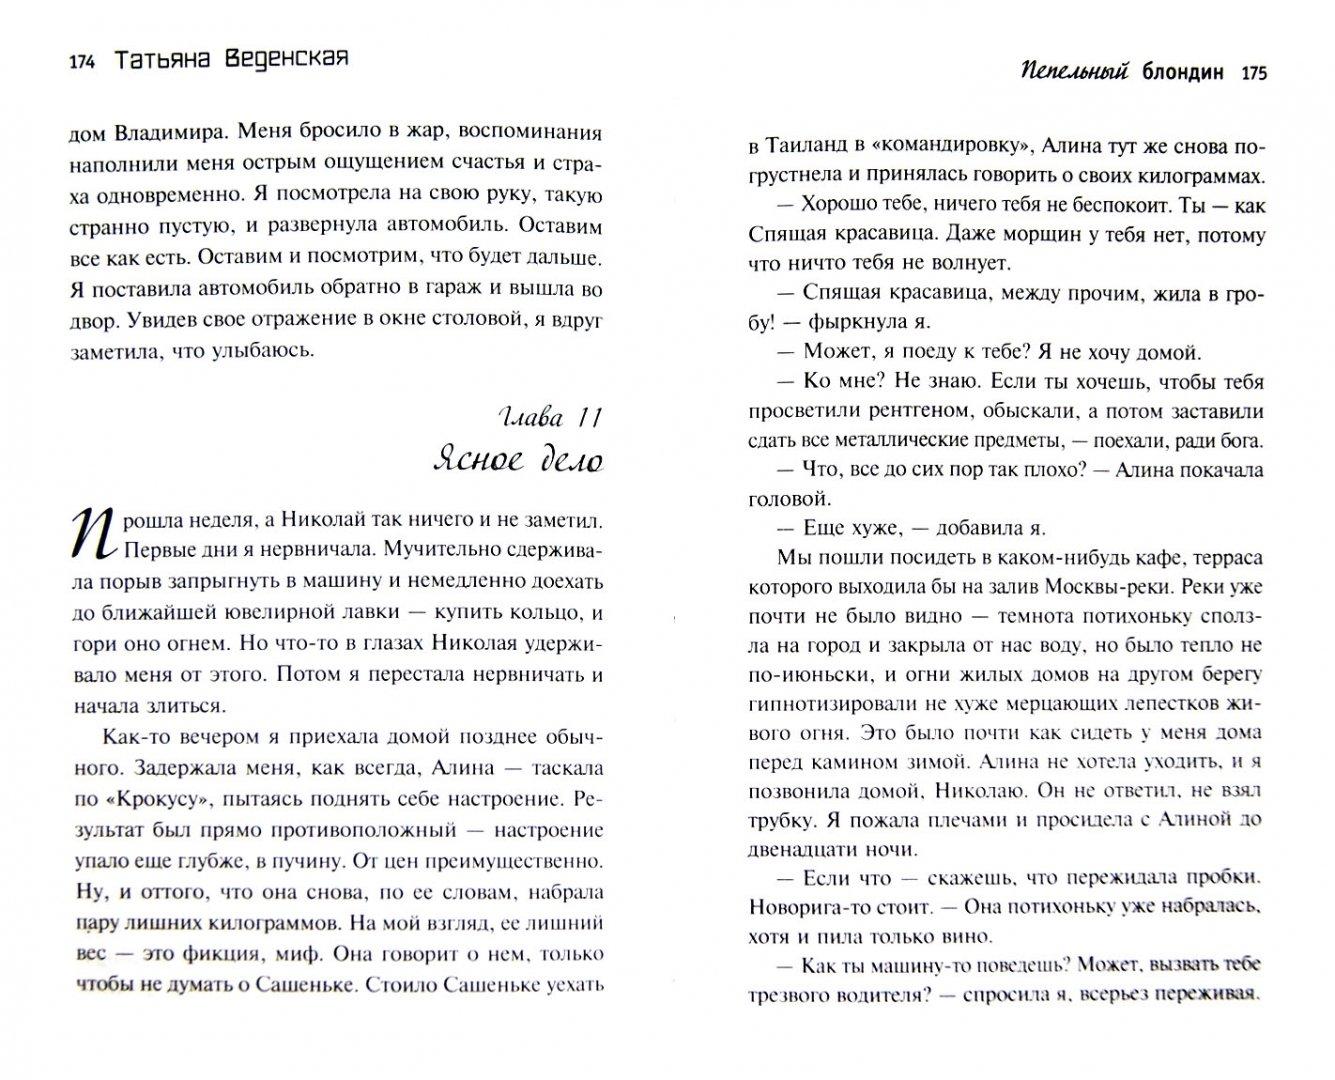 Иллюстрация 1 из 6 для Пепельный блондин - Татьяна Веденская | Лабиринт - книги. Источник: Лабиринт